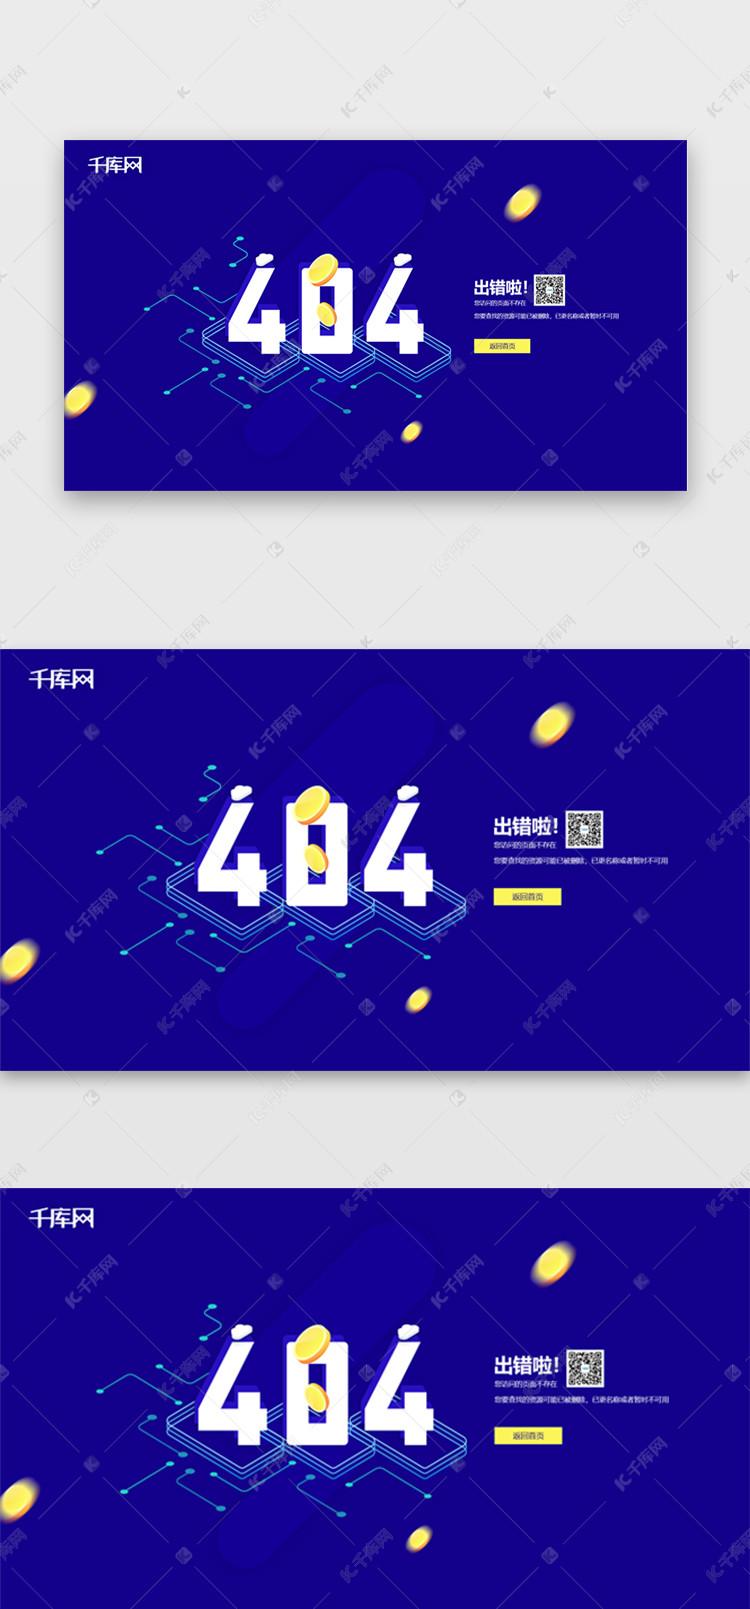 深蓝页面404报错色系ui设计素材gis的等高线绘制图片